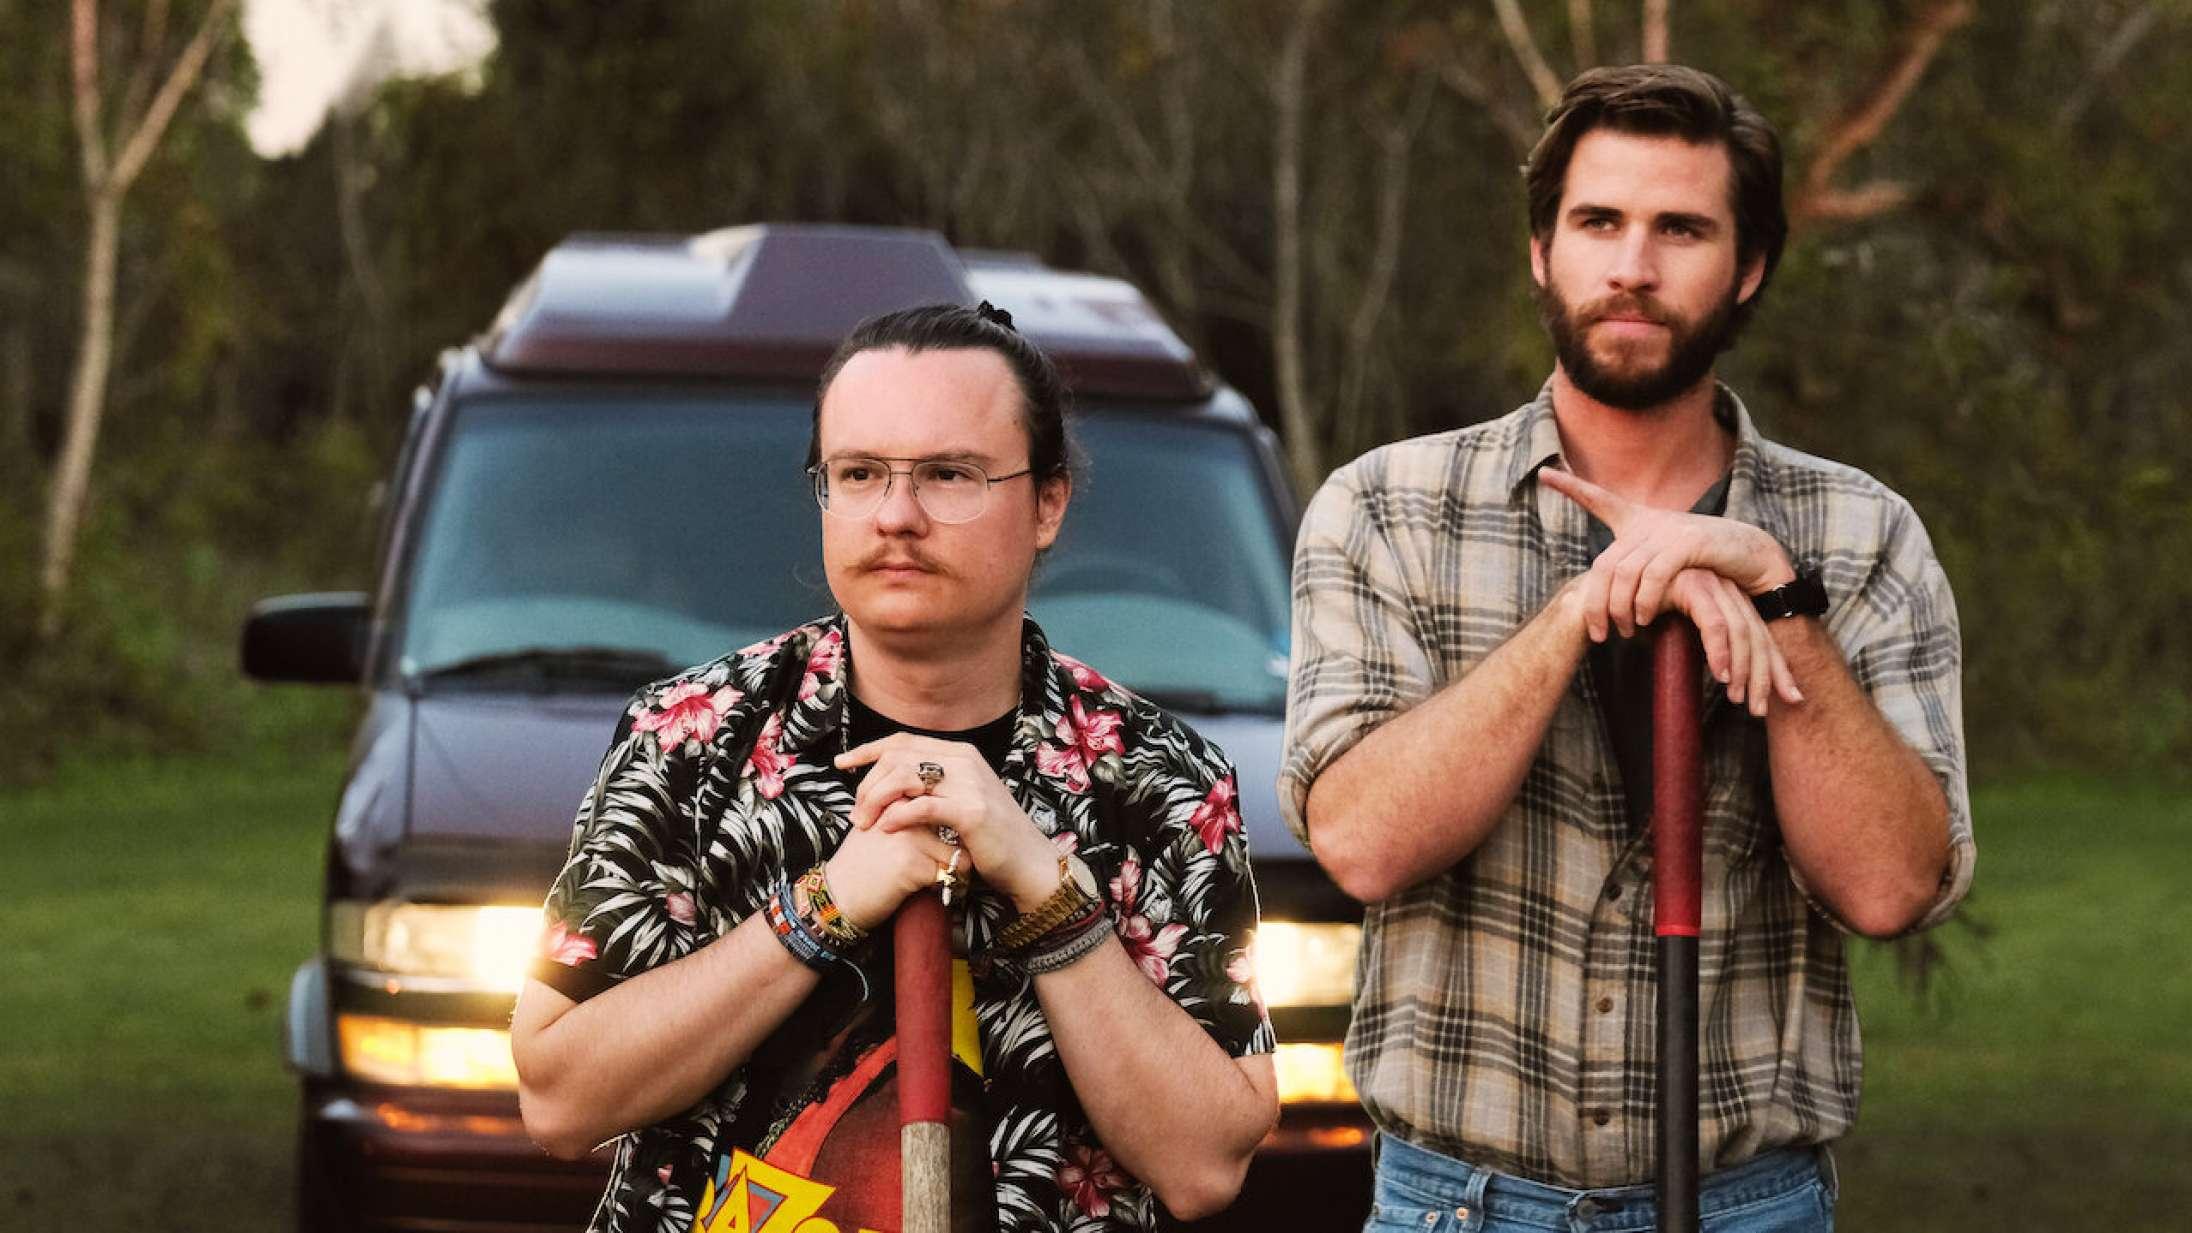 'Arkansas': Ny krimifilm på Netflix imiterer Coen-brødrene lystigt